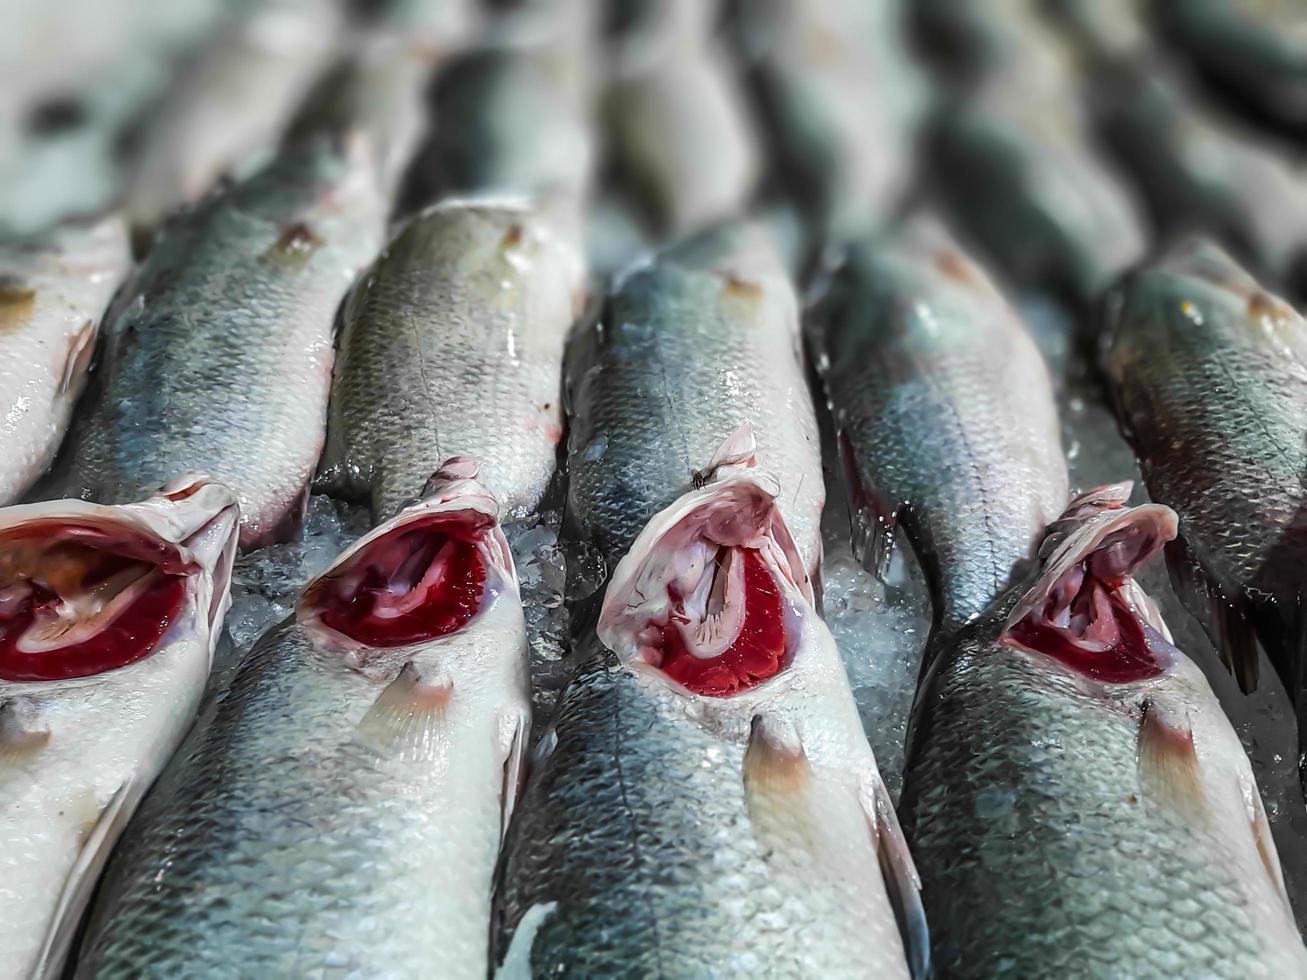 branzino fresco con ghiaccio al mercato del pesce foto